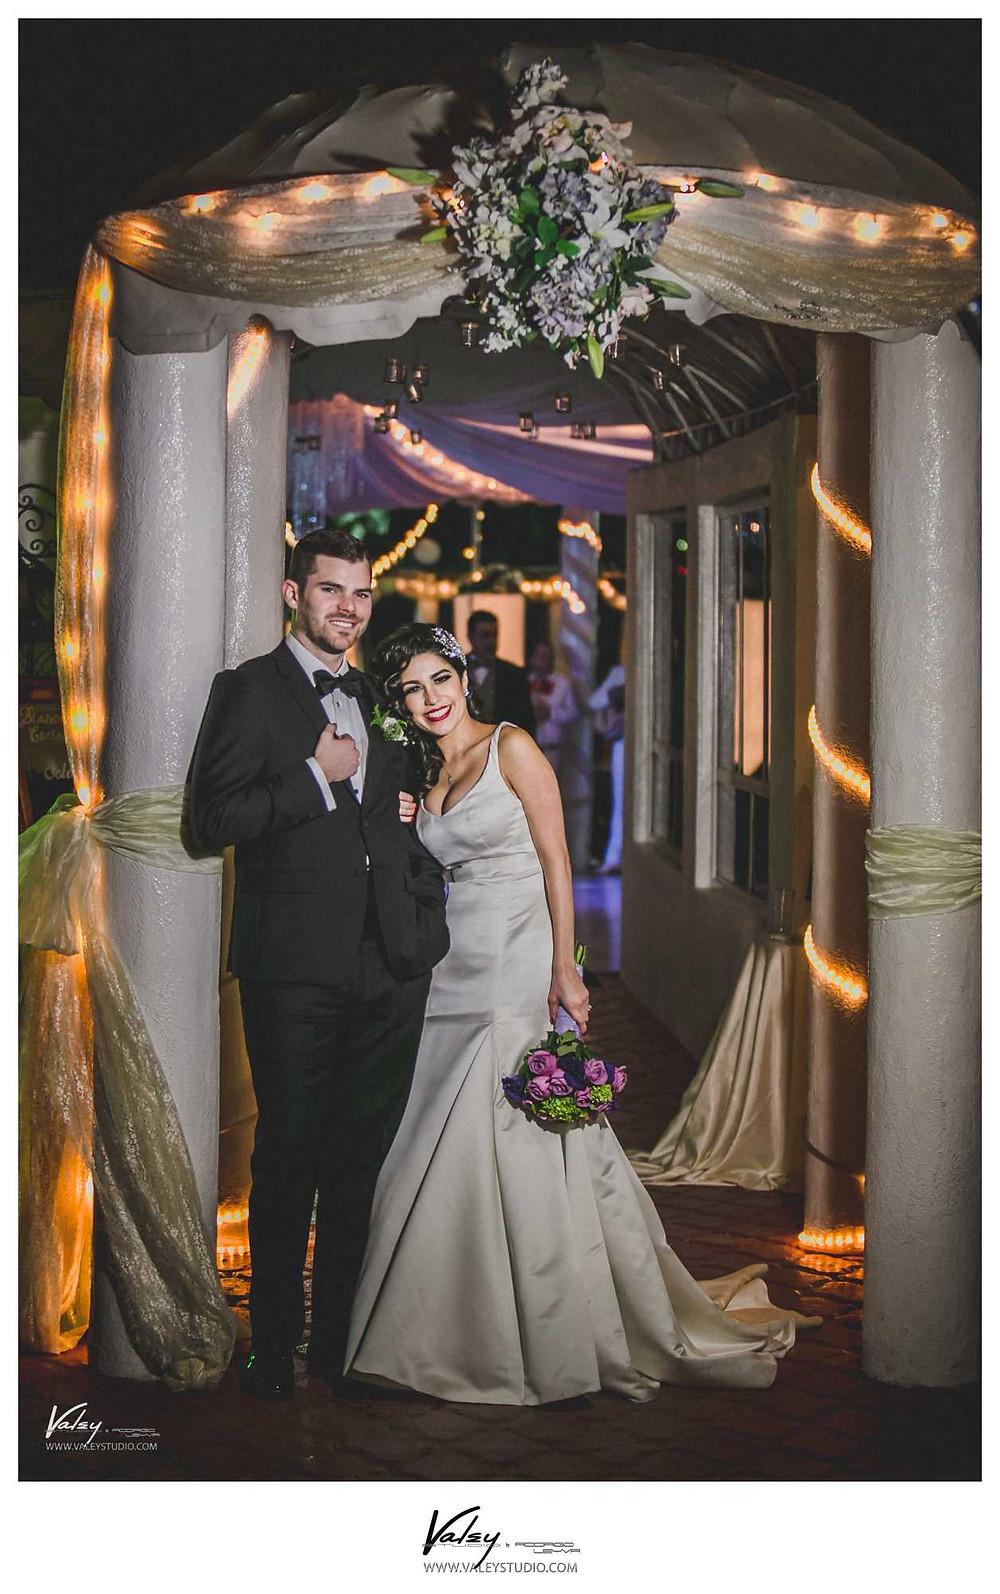 wedding-valeystudio-real-del-rio-tijuana-40.jpg